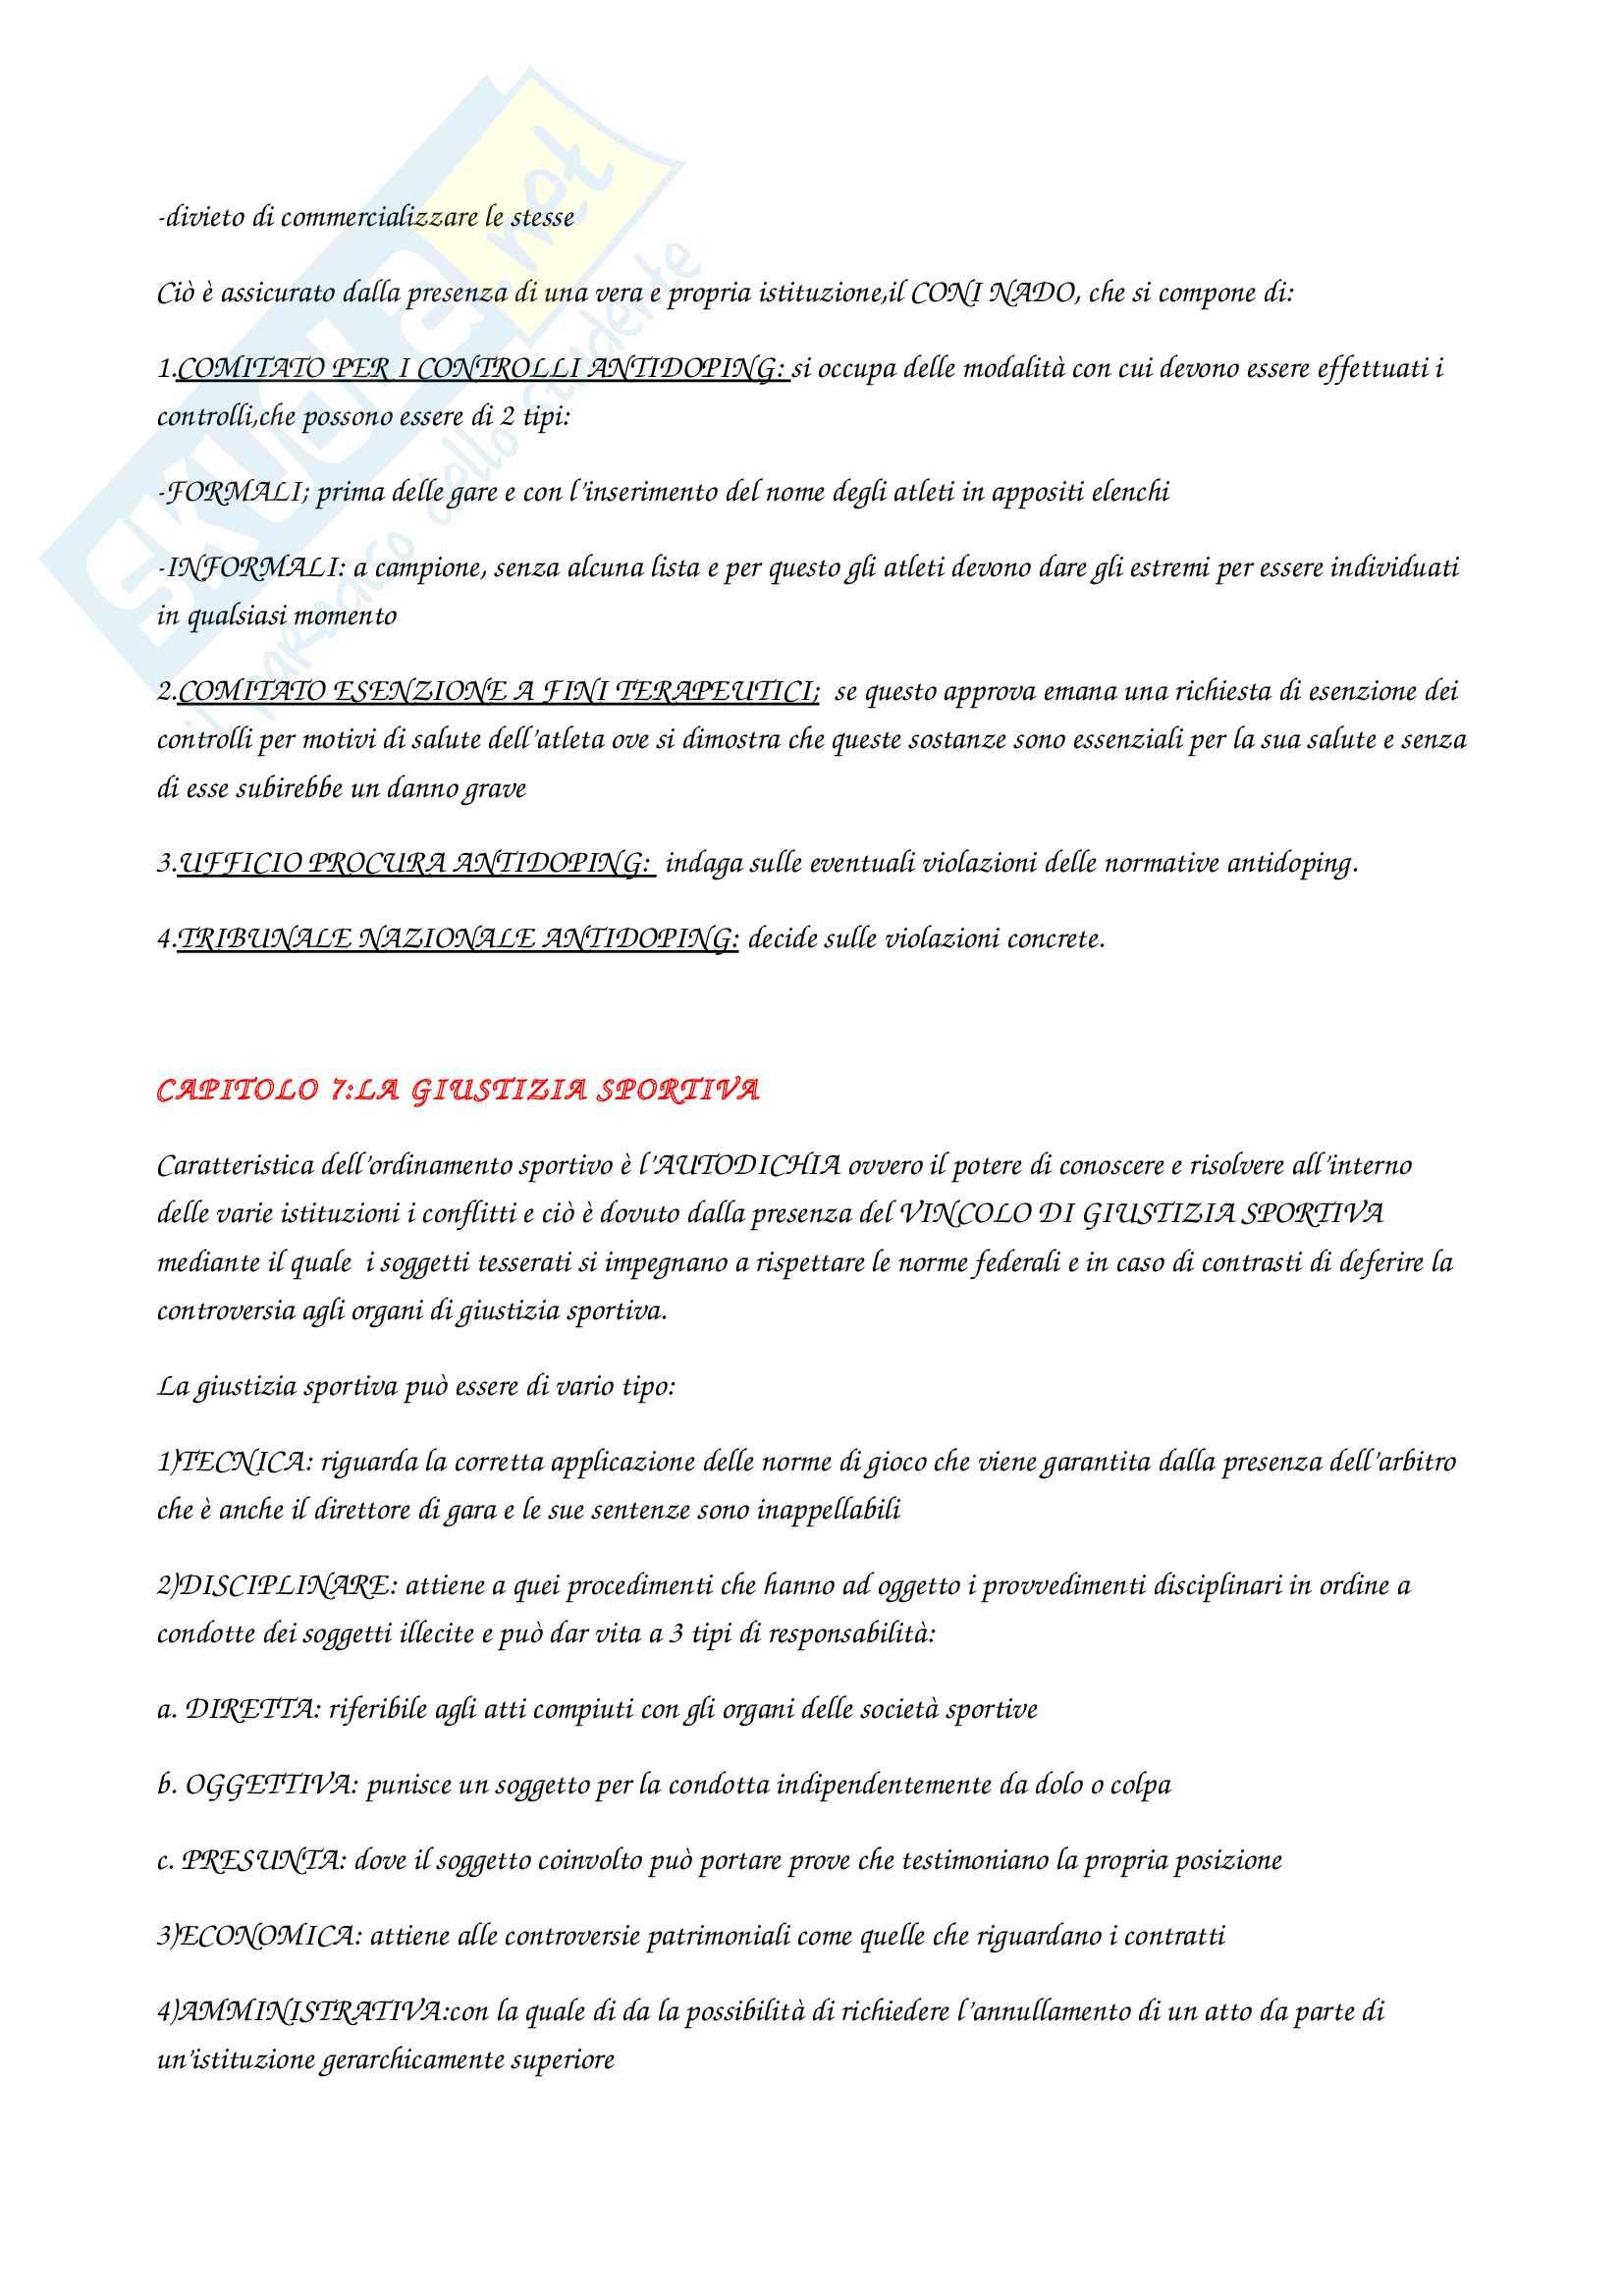 Diritto sportivo Pag. 21